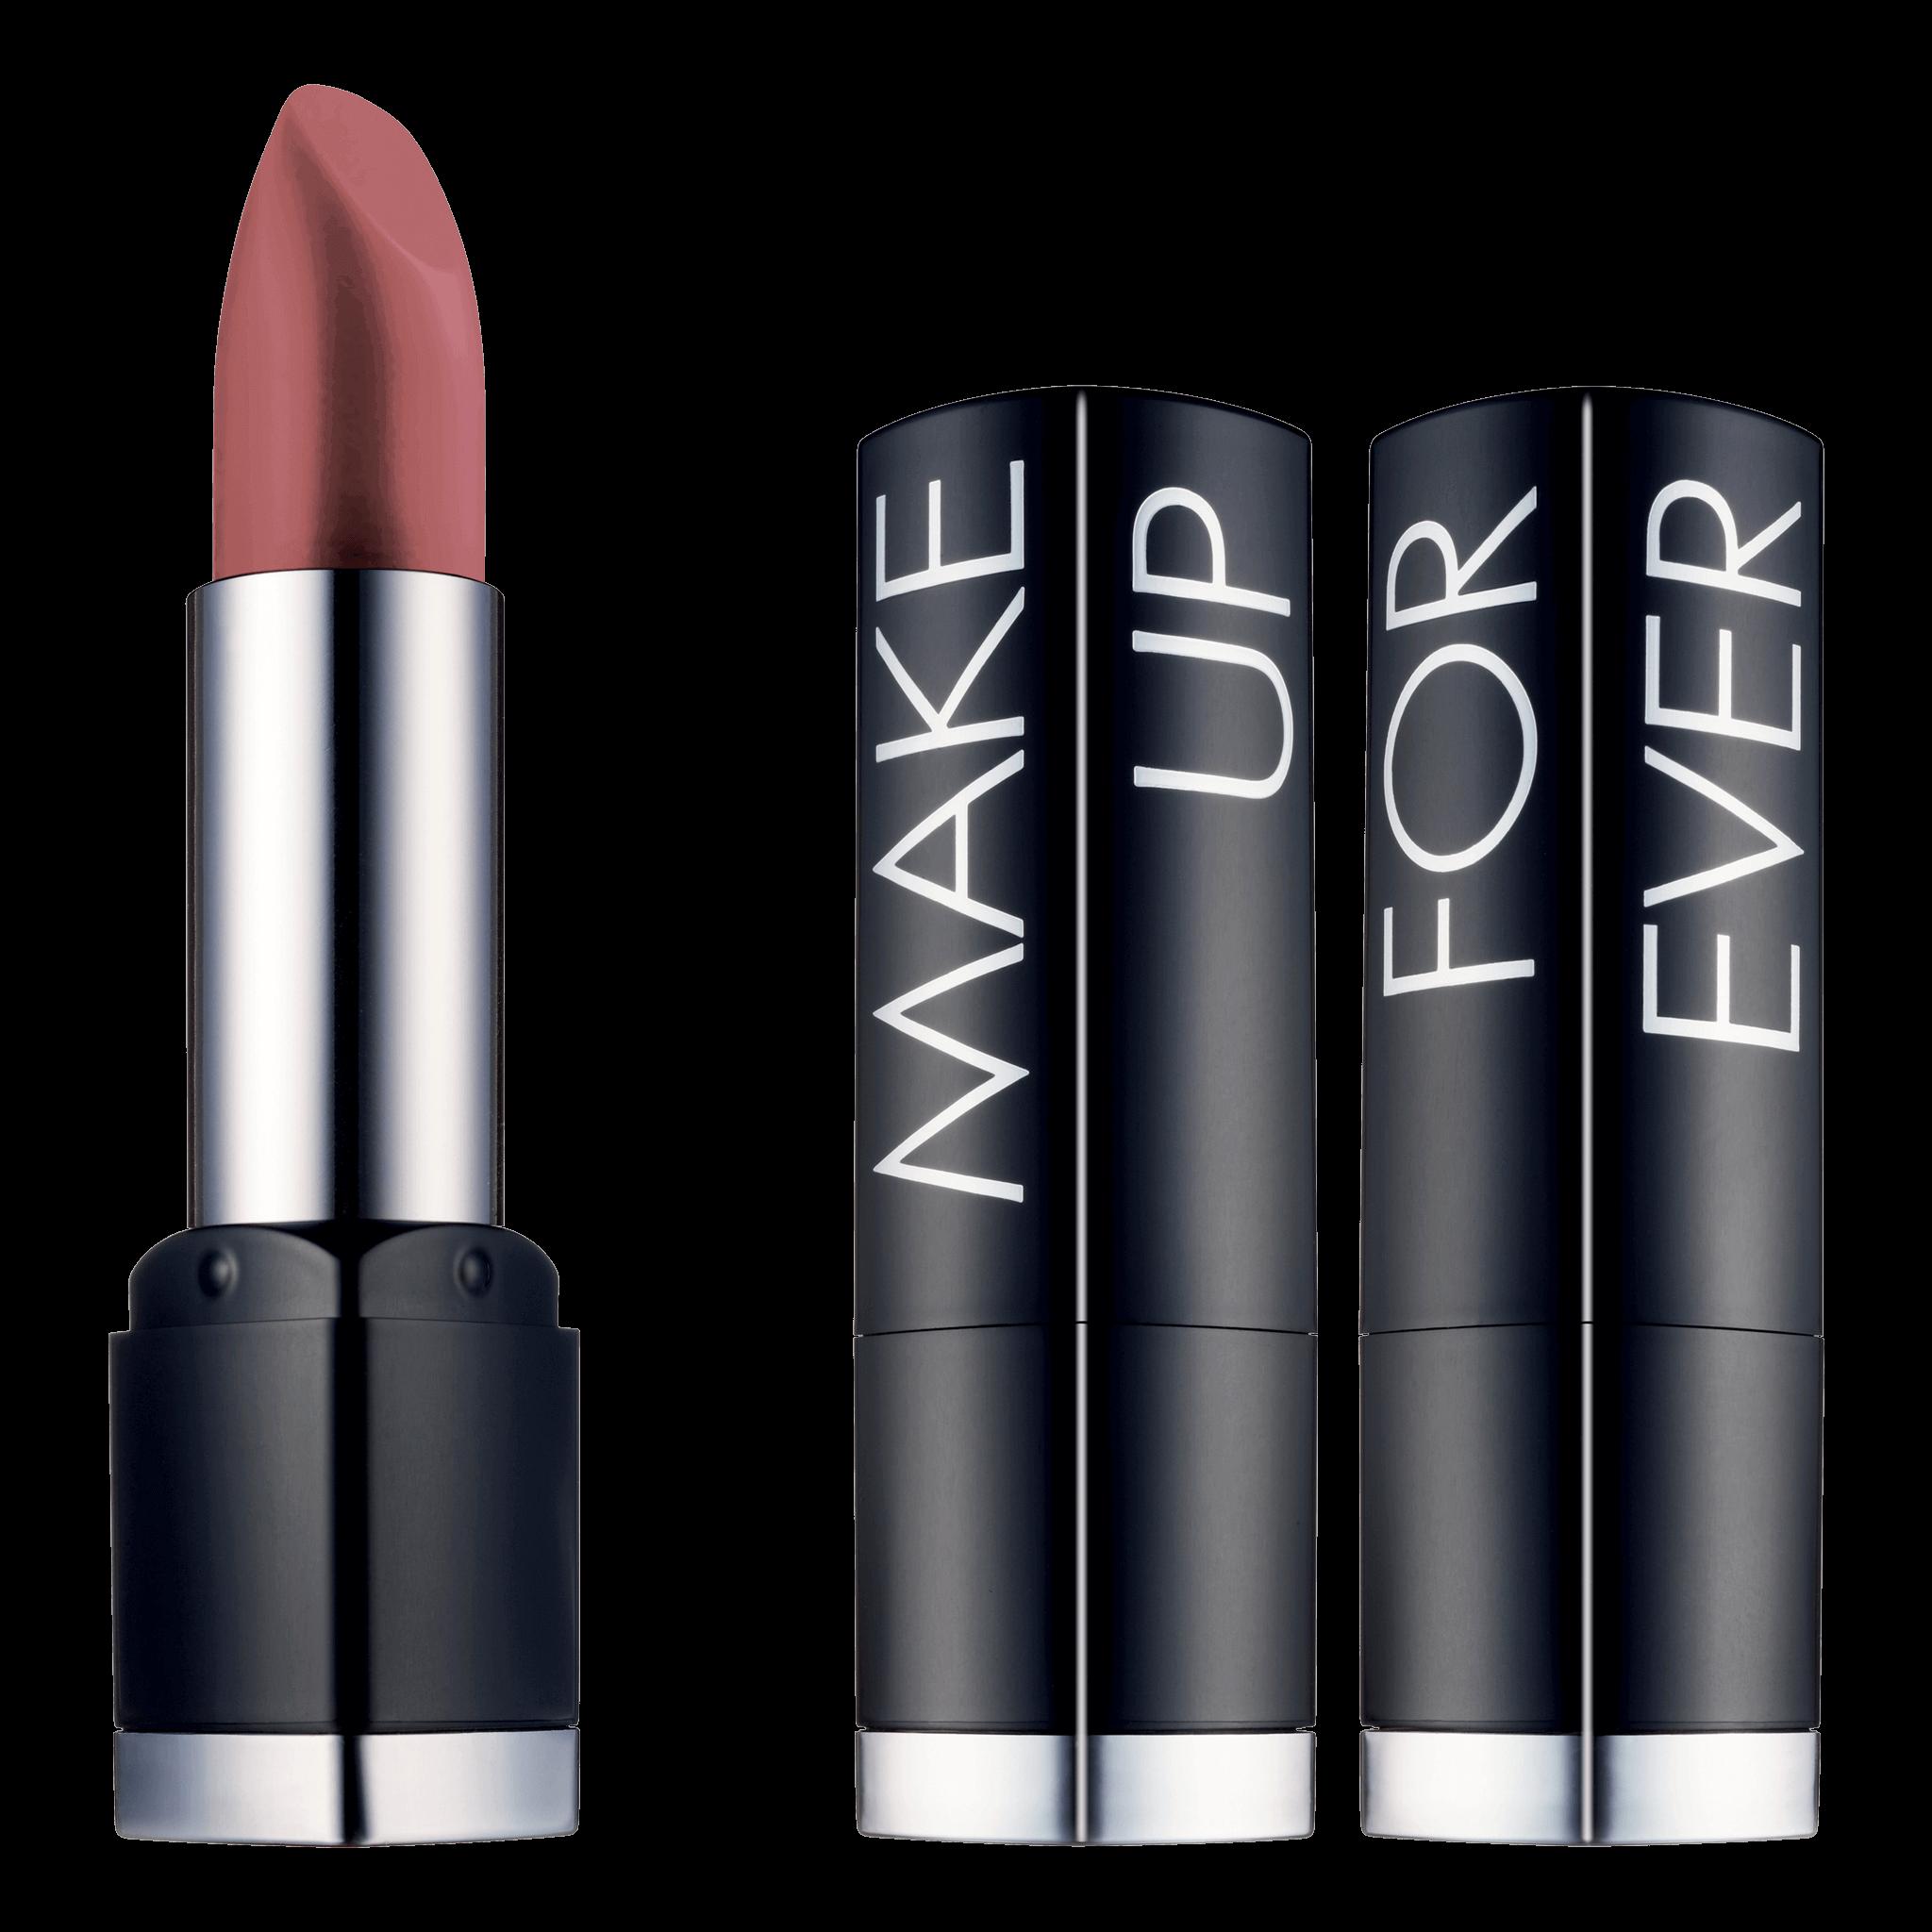 MakeUpForEver Rouge Artist Natural Lipsticks for $11